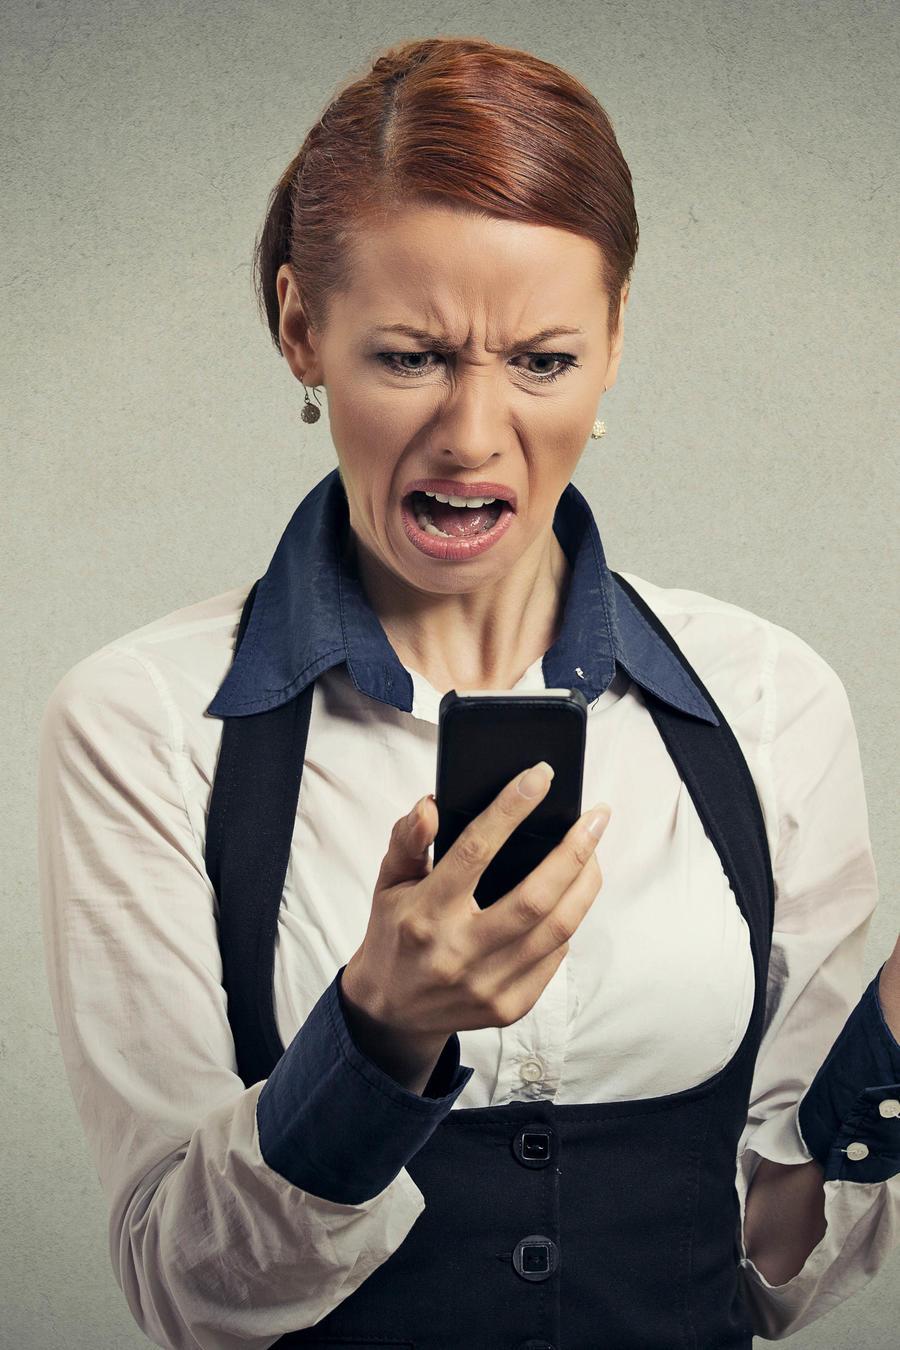 Mujer con cara de disgusto viendo el teléfono celular y sosteniendo un corazón